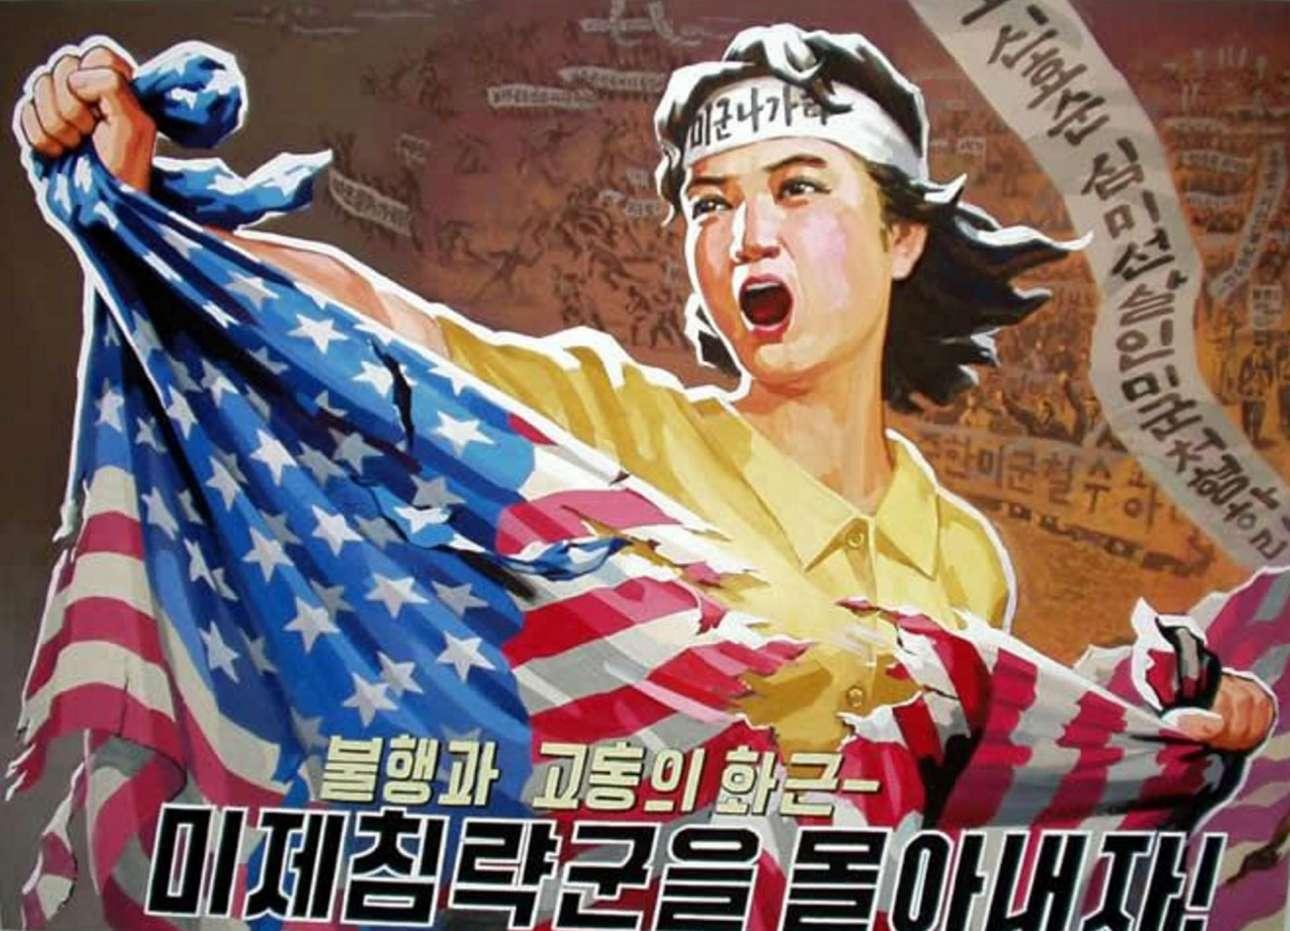 Βορειοκορεάτισσα σκίζει την αμερικανική σημαία, φορώντας μία κορδέλα που γράφει «Εξω ο στρατός των ΗΠΑ». Στο ίδιο ύφος, το σλόγκαν της αφίσας λέει «Απωθήστε τον αμερικανό εισβολέα»